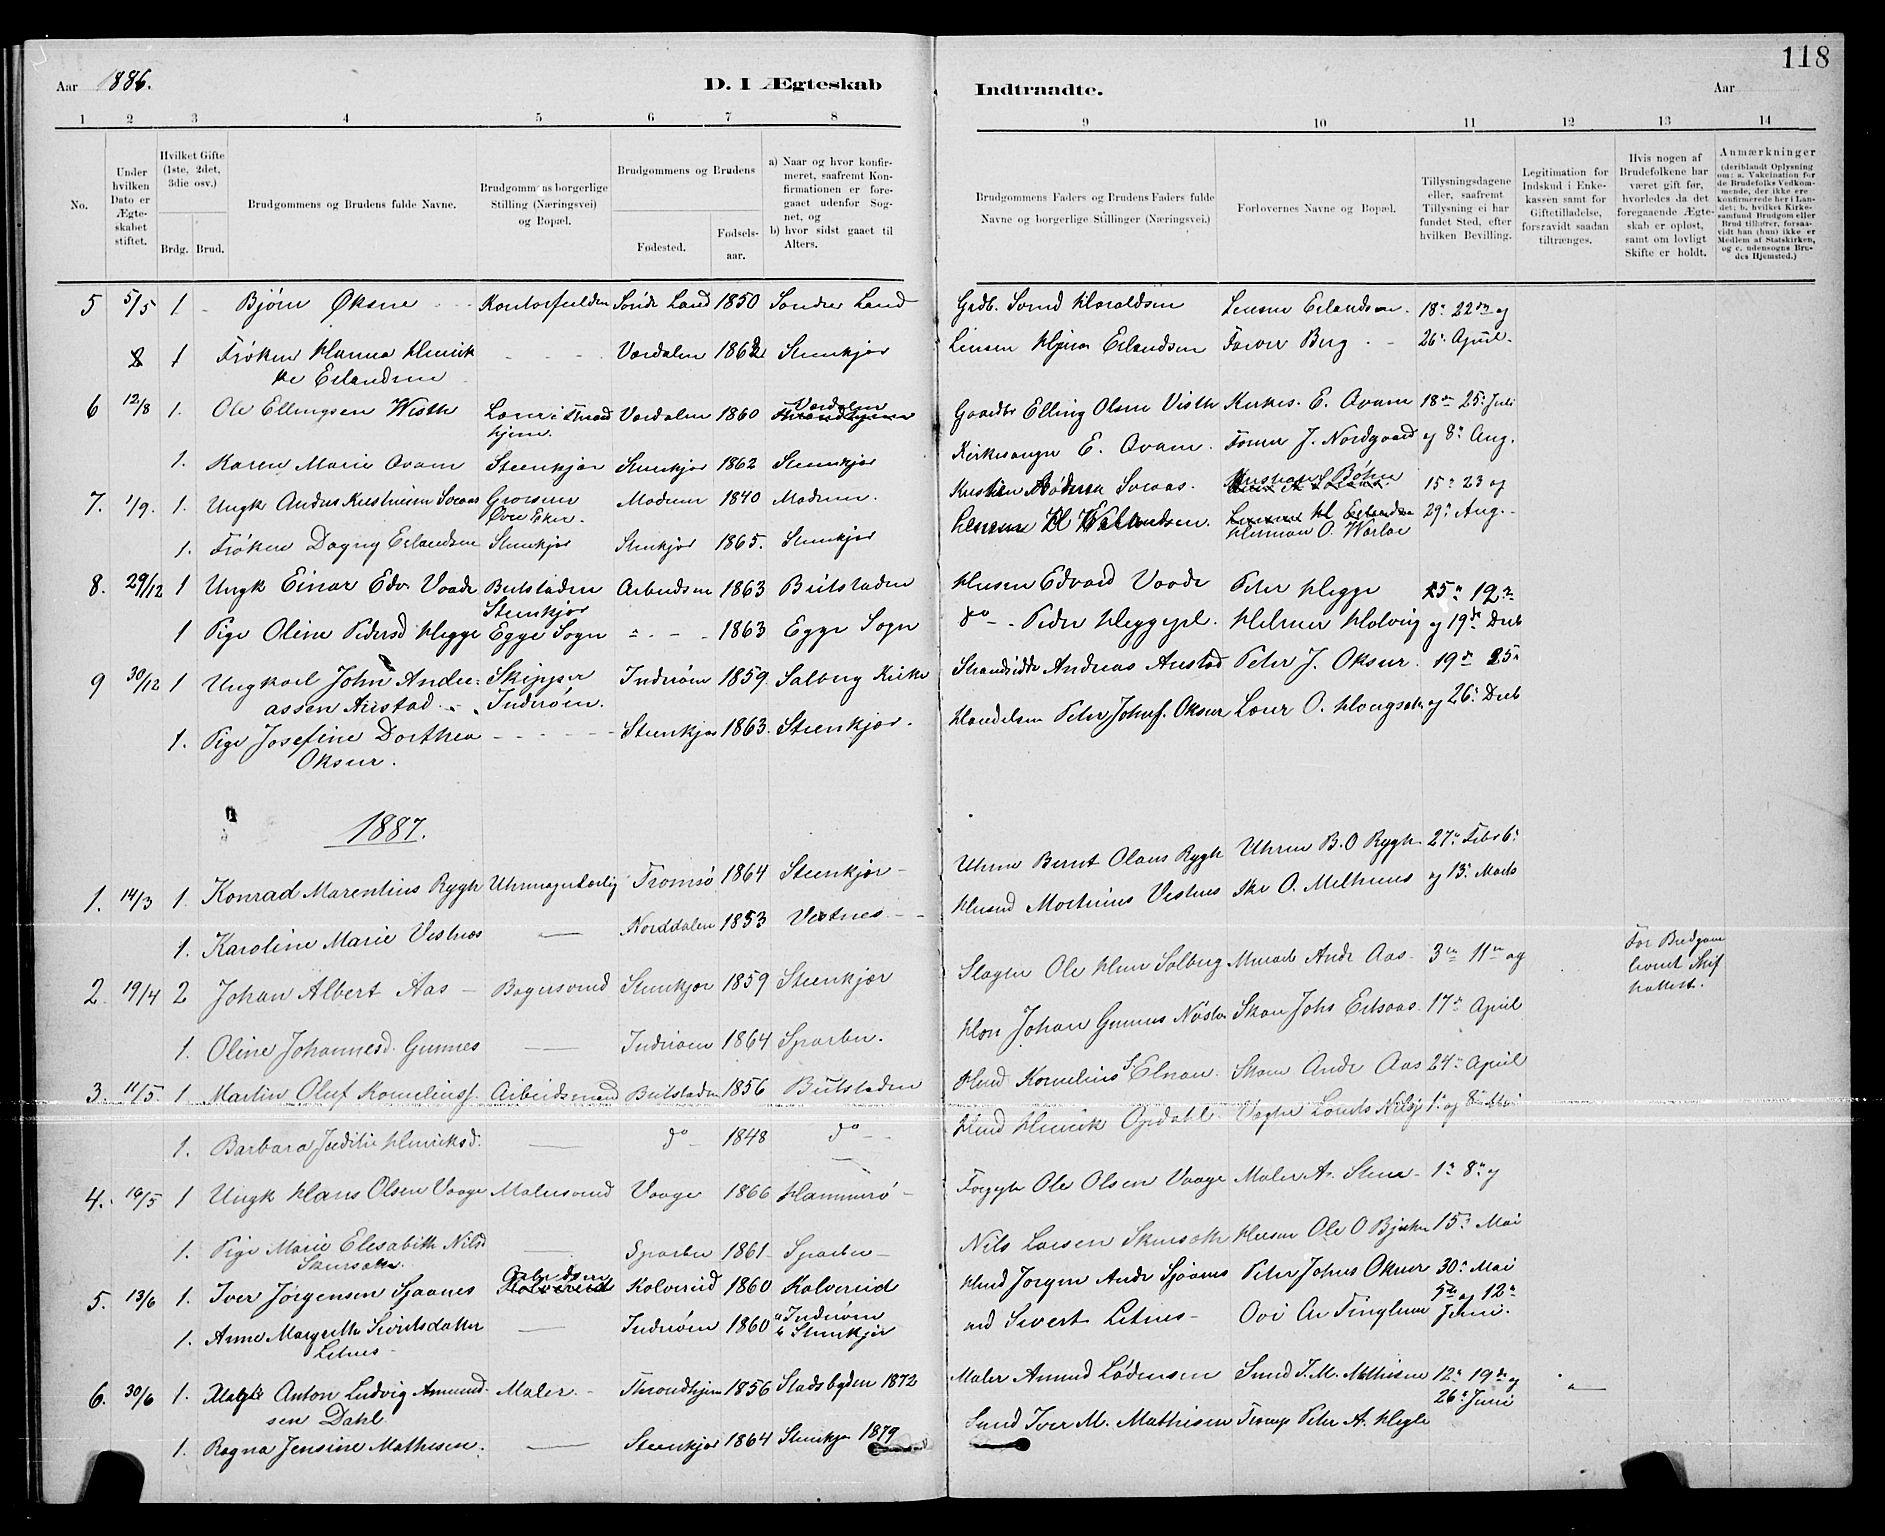 SAT, Ministerialprotokoller, klokkerbøker og fødselsregistre - Nord-Trøndelag, 739/L0374: Klokkerbok nr. 739C02, 1883-1898, s. 118